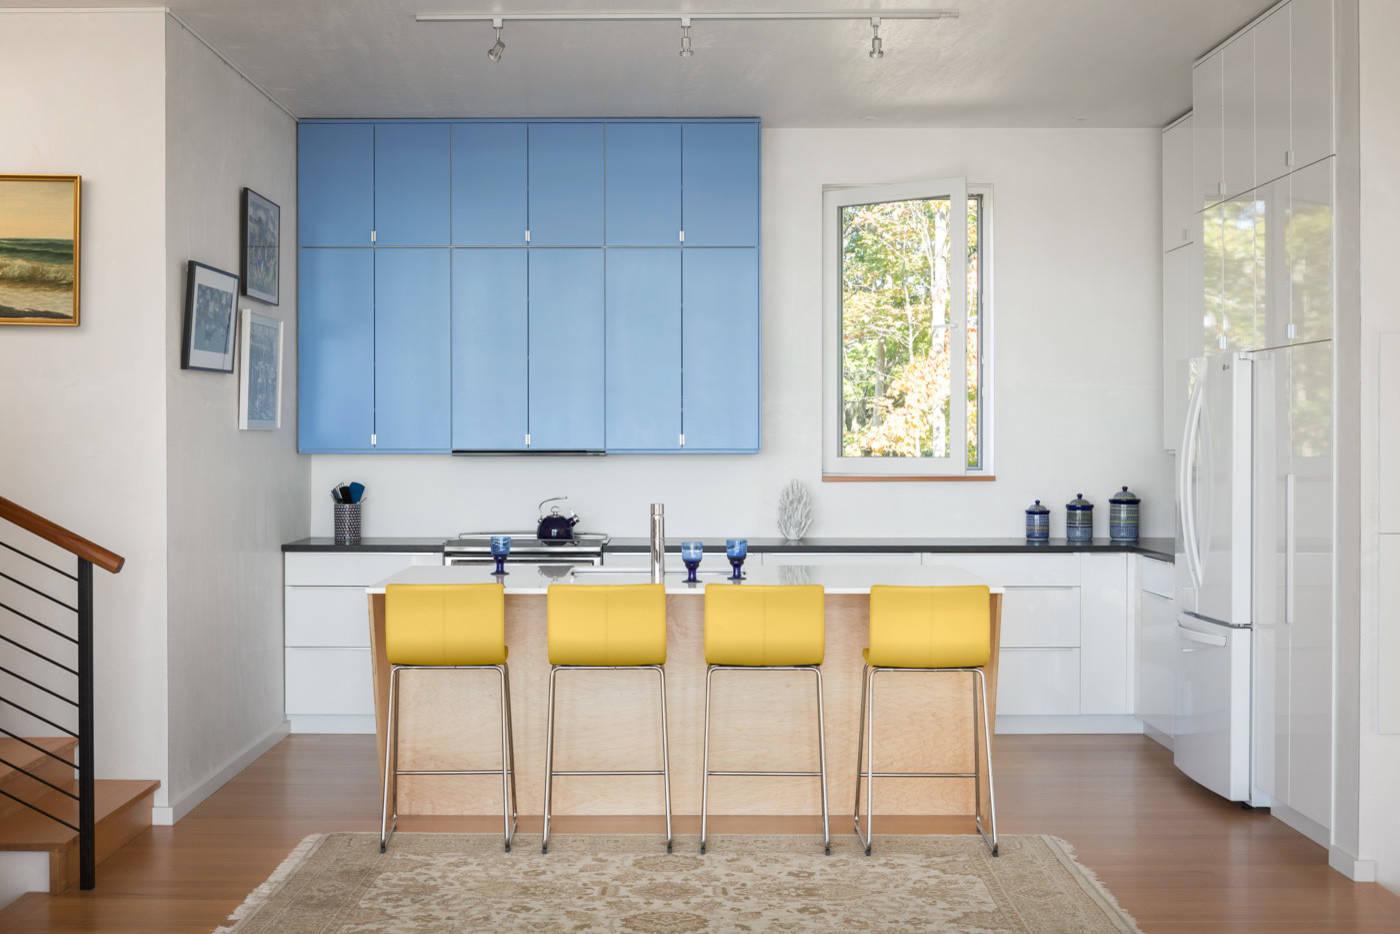 Les meubles jaunes apportent une variété de couleurs intéressante